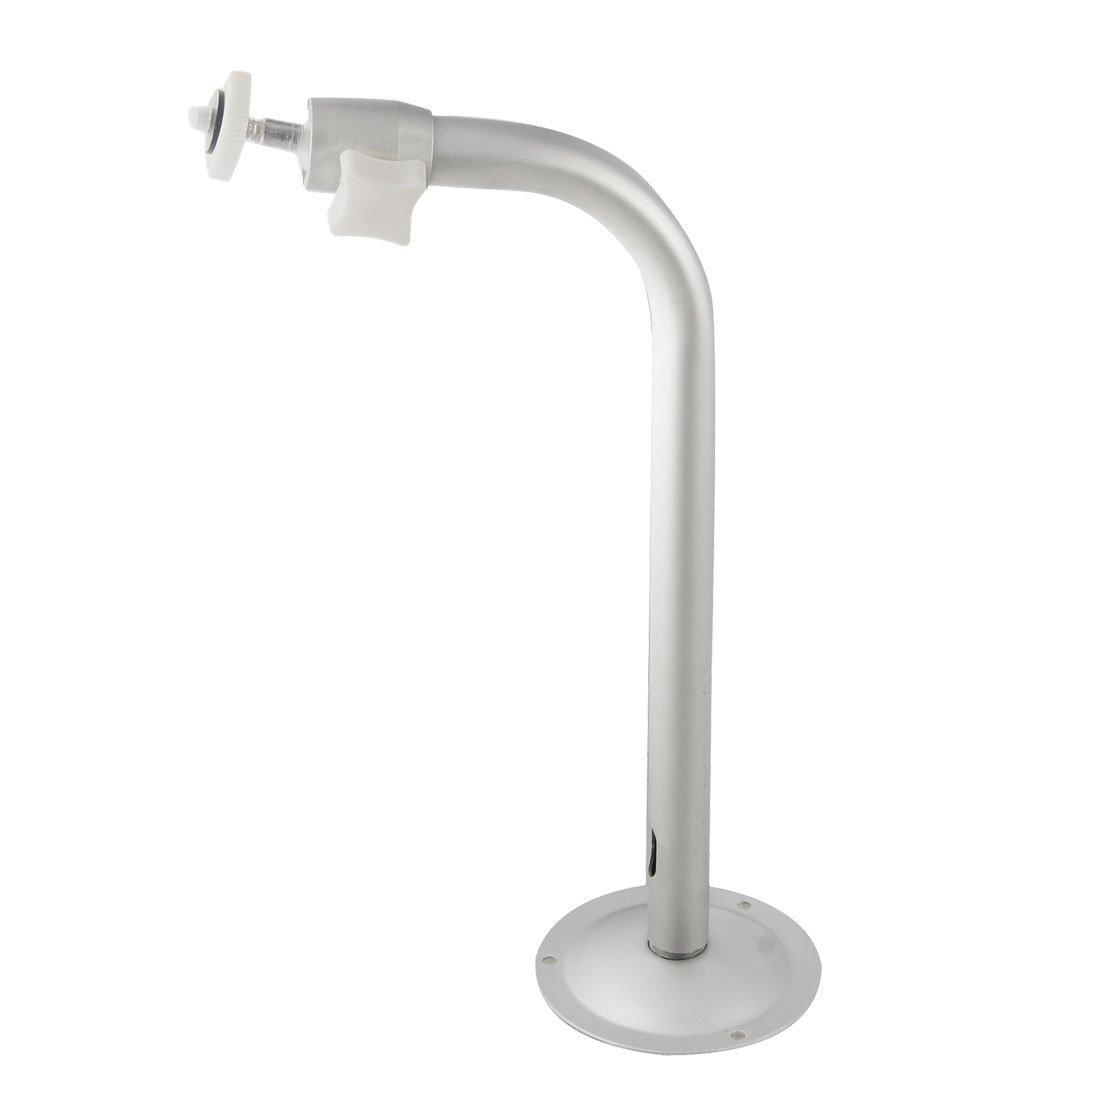 ГФЭ Настенный кронштейн для внутреннего и наружного l-образный металлический 29 см для ВИДЕОНАБЛЮДЕНИЯ CCD Камера